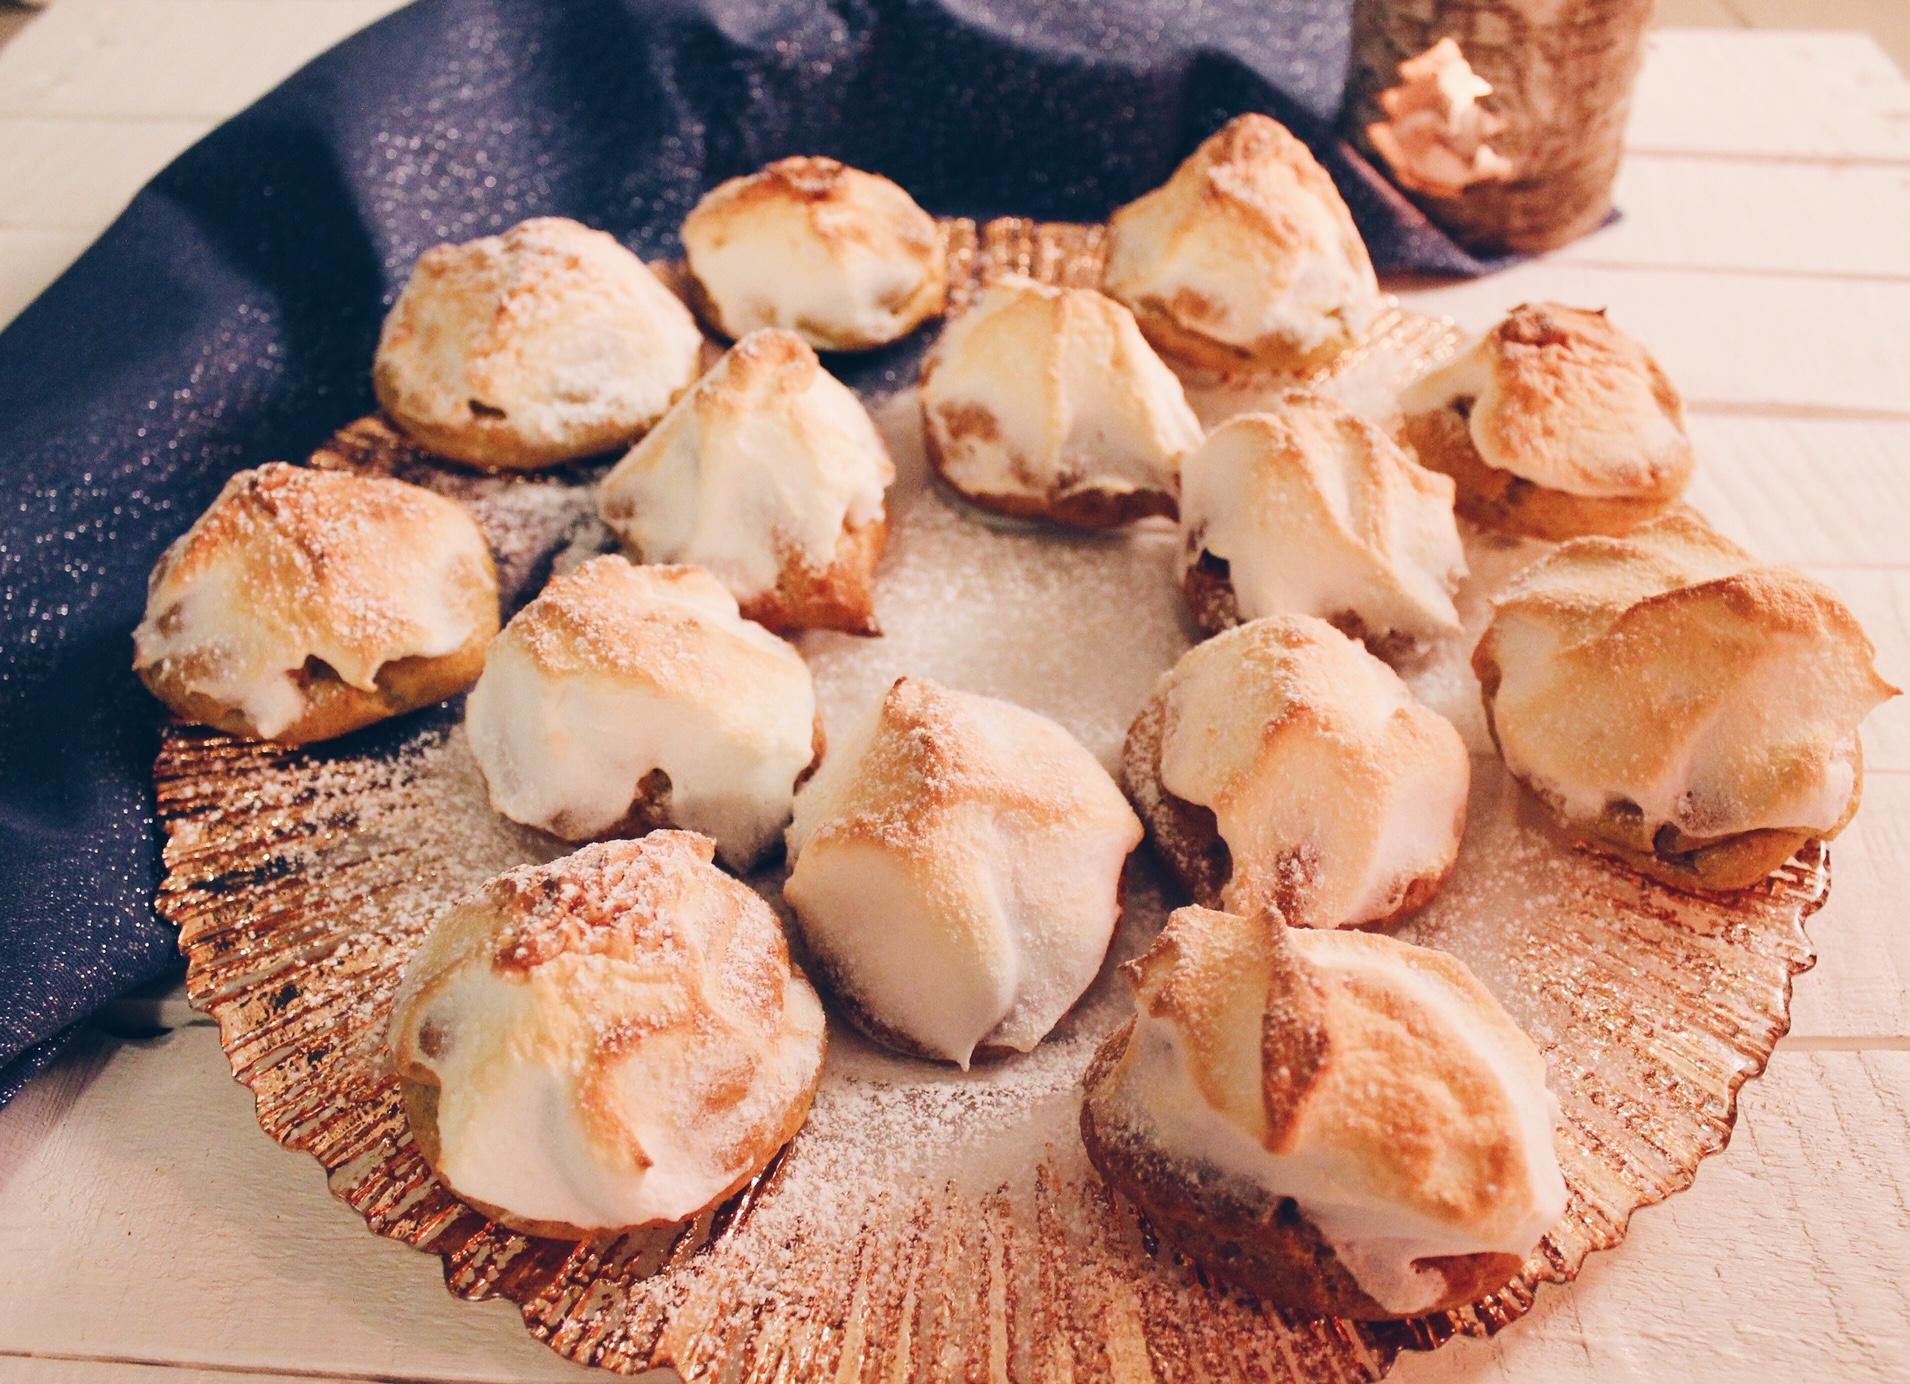 Petits choux fourrés au lemon curd et meringués, comme des tartes au citron ! REcette sur le blog laualamenthe.com